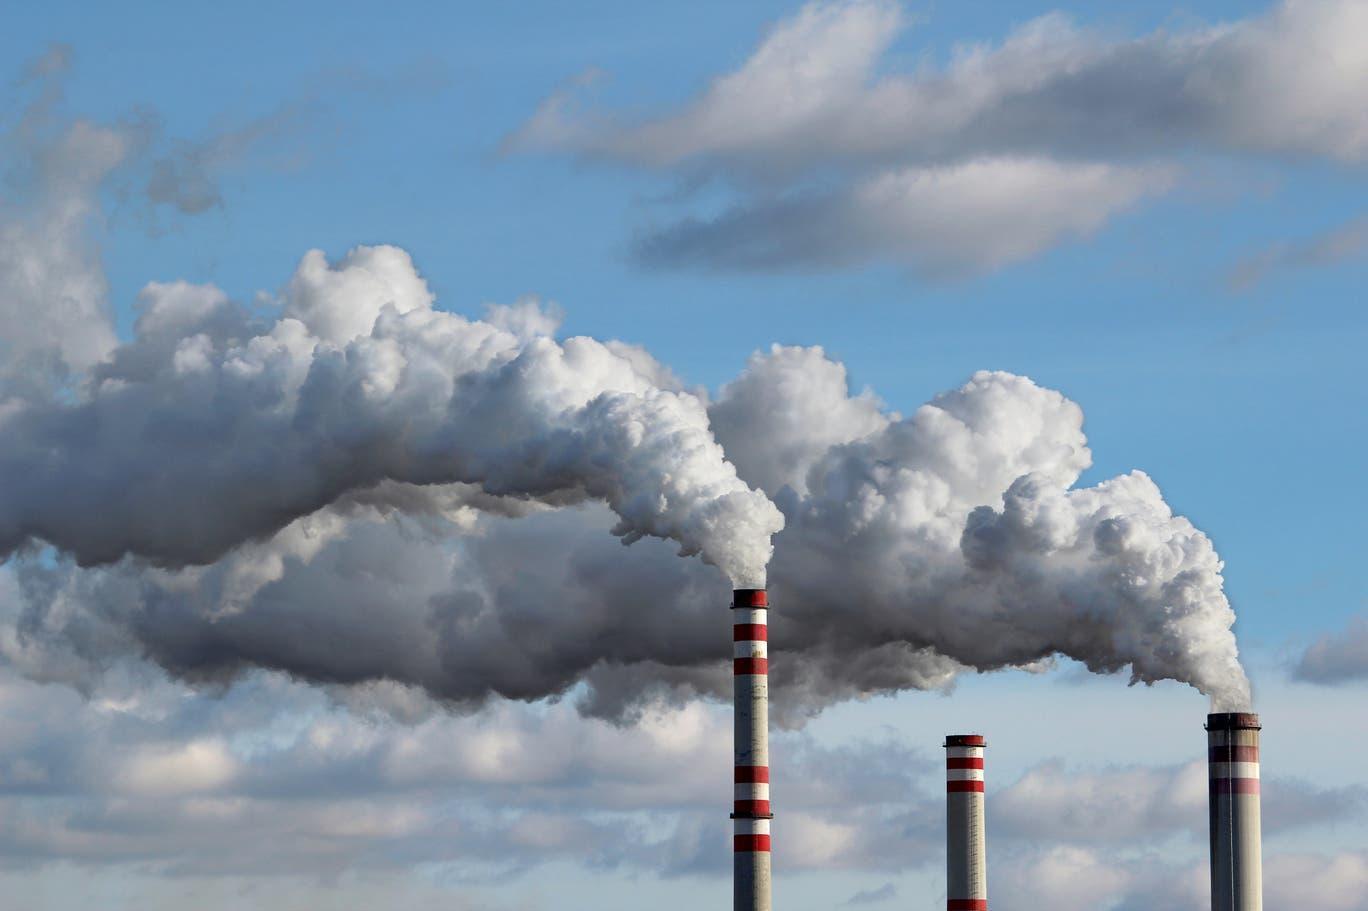 حرق الوقود الحفري هو السبب الرئيسي لظاهرة - طموحاتي